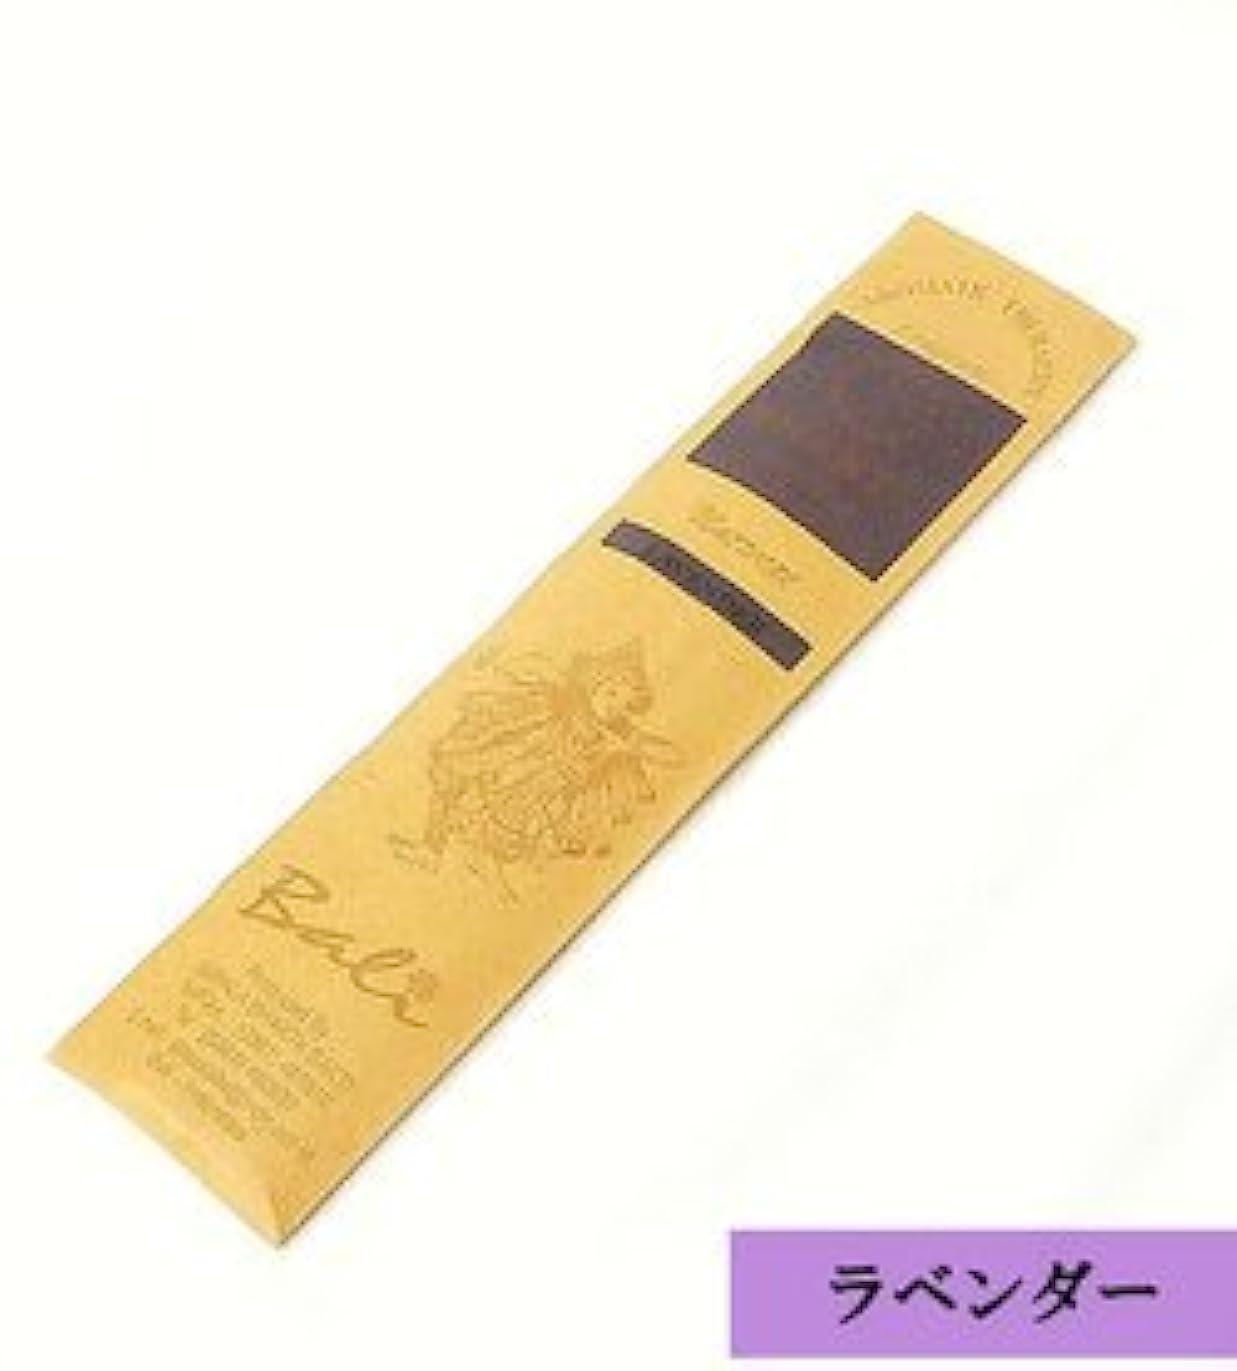 説明的驚いたことにおっとバリのお香 BHAKTA 【ラベンダー】 LAVENDER ロングスティック 20本入り アジアン雑貨